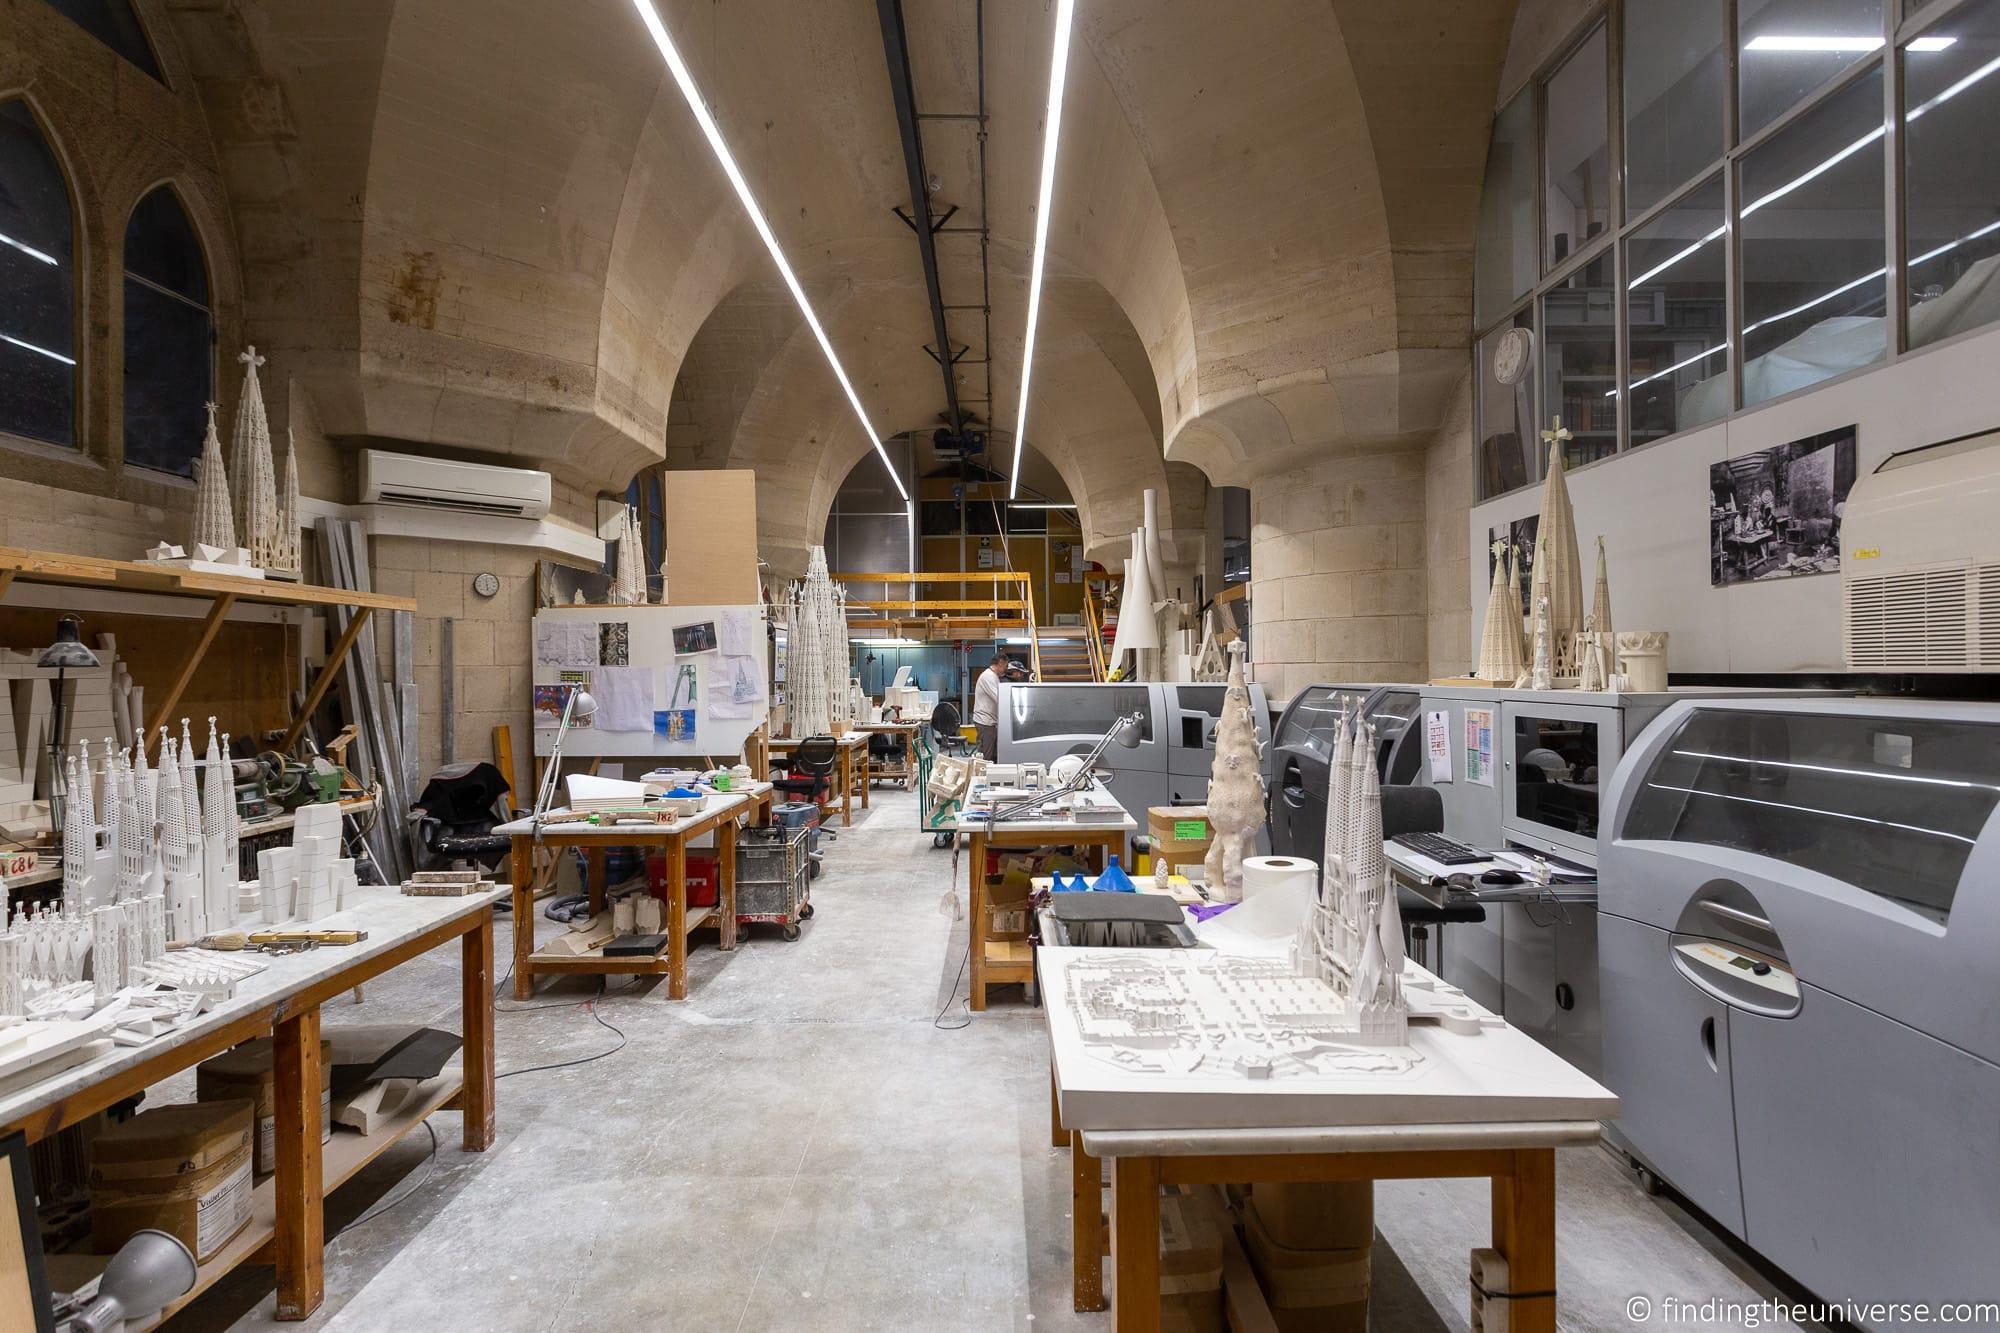 Sagrada Familia Museum